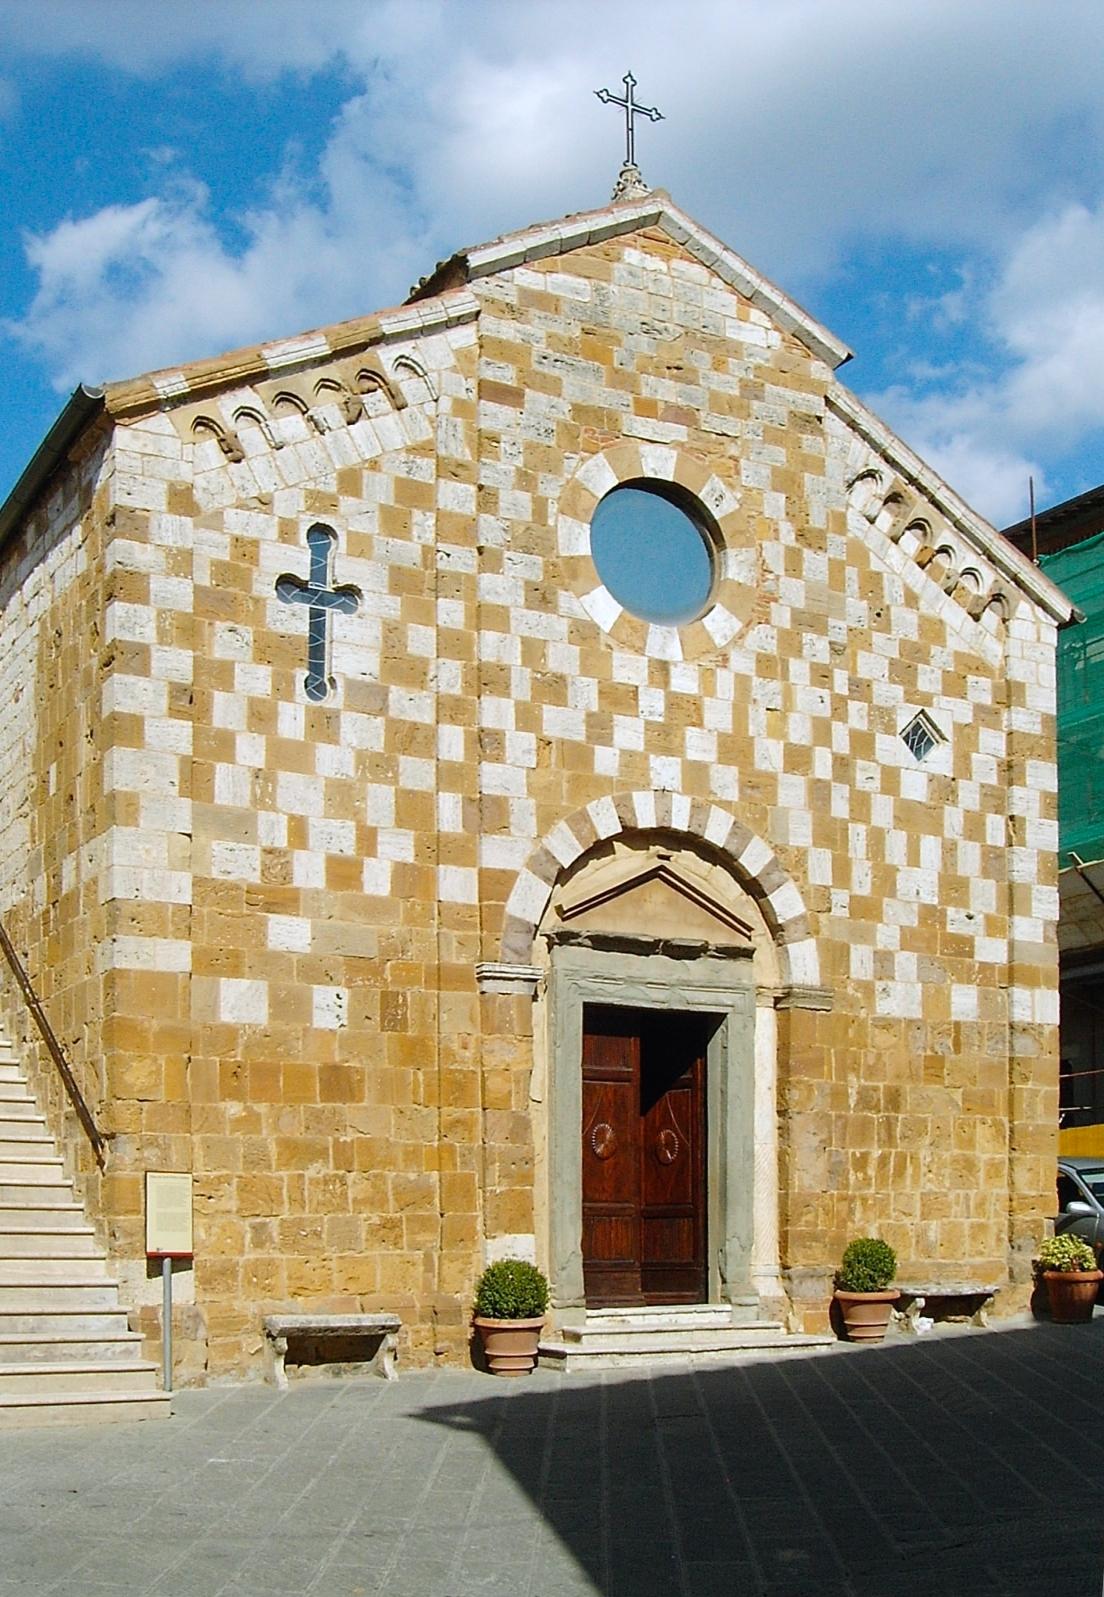 Trequanda parish church  [Photo Credits: Nickm]